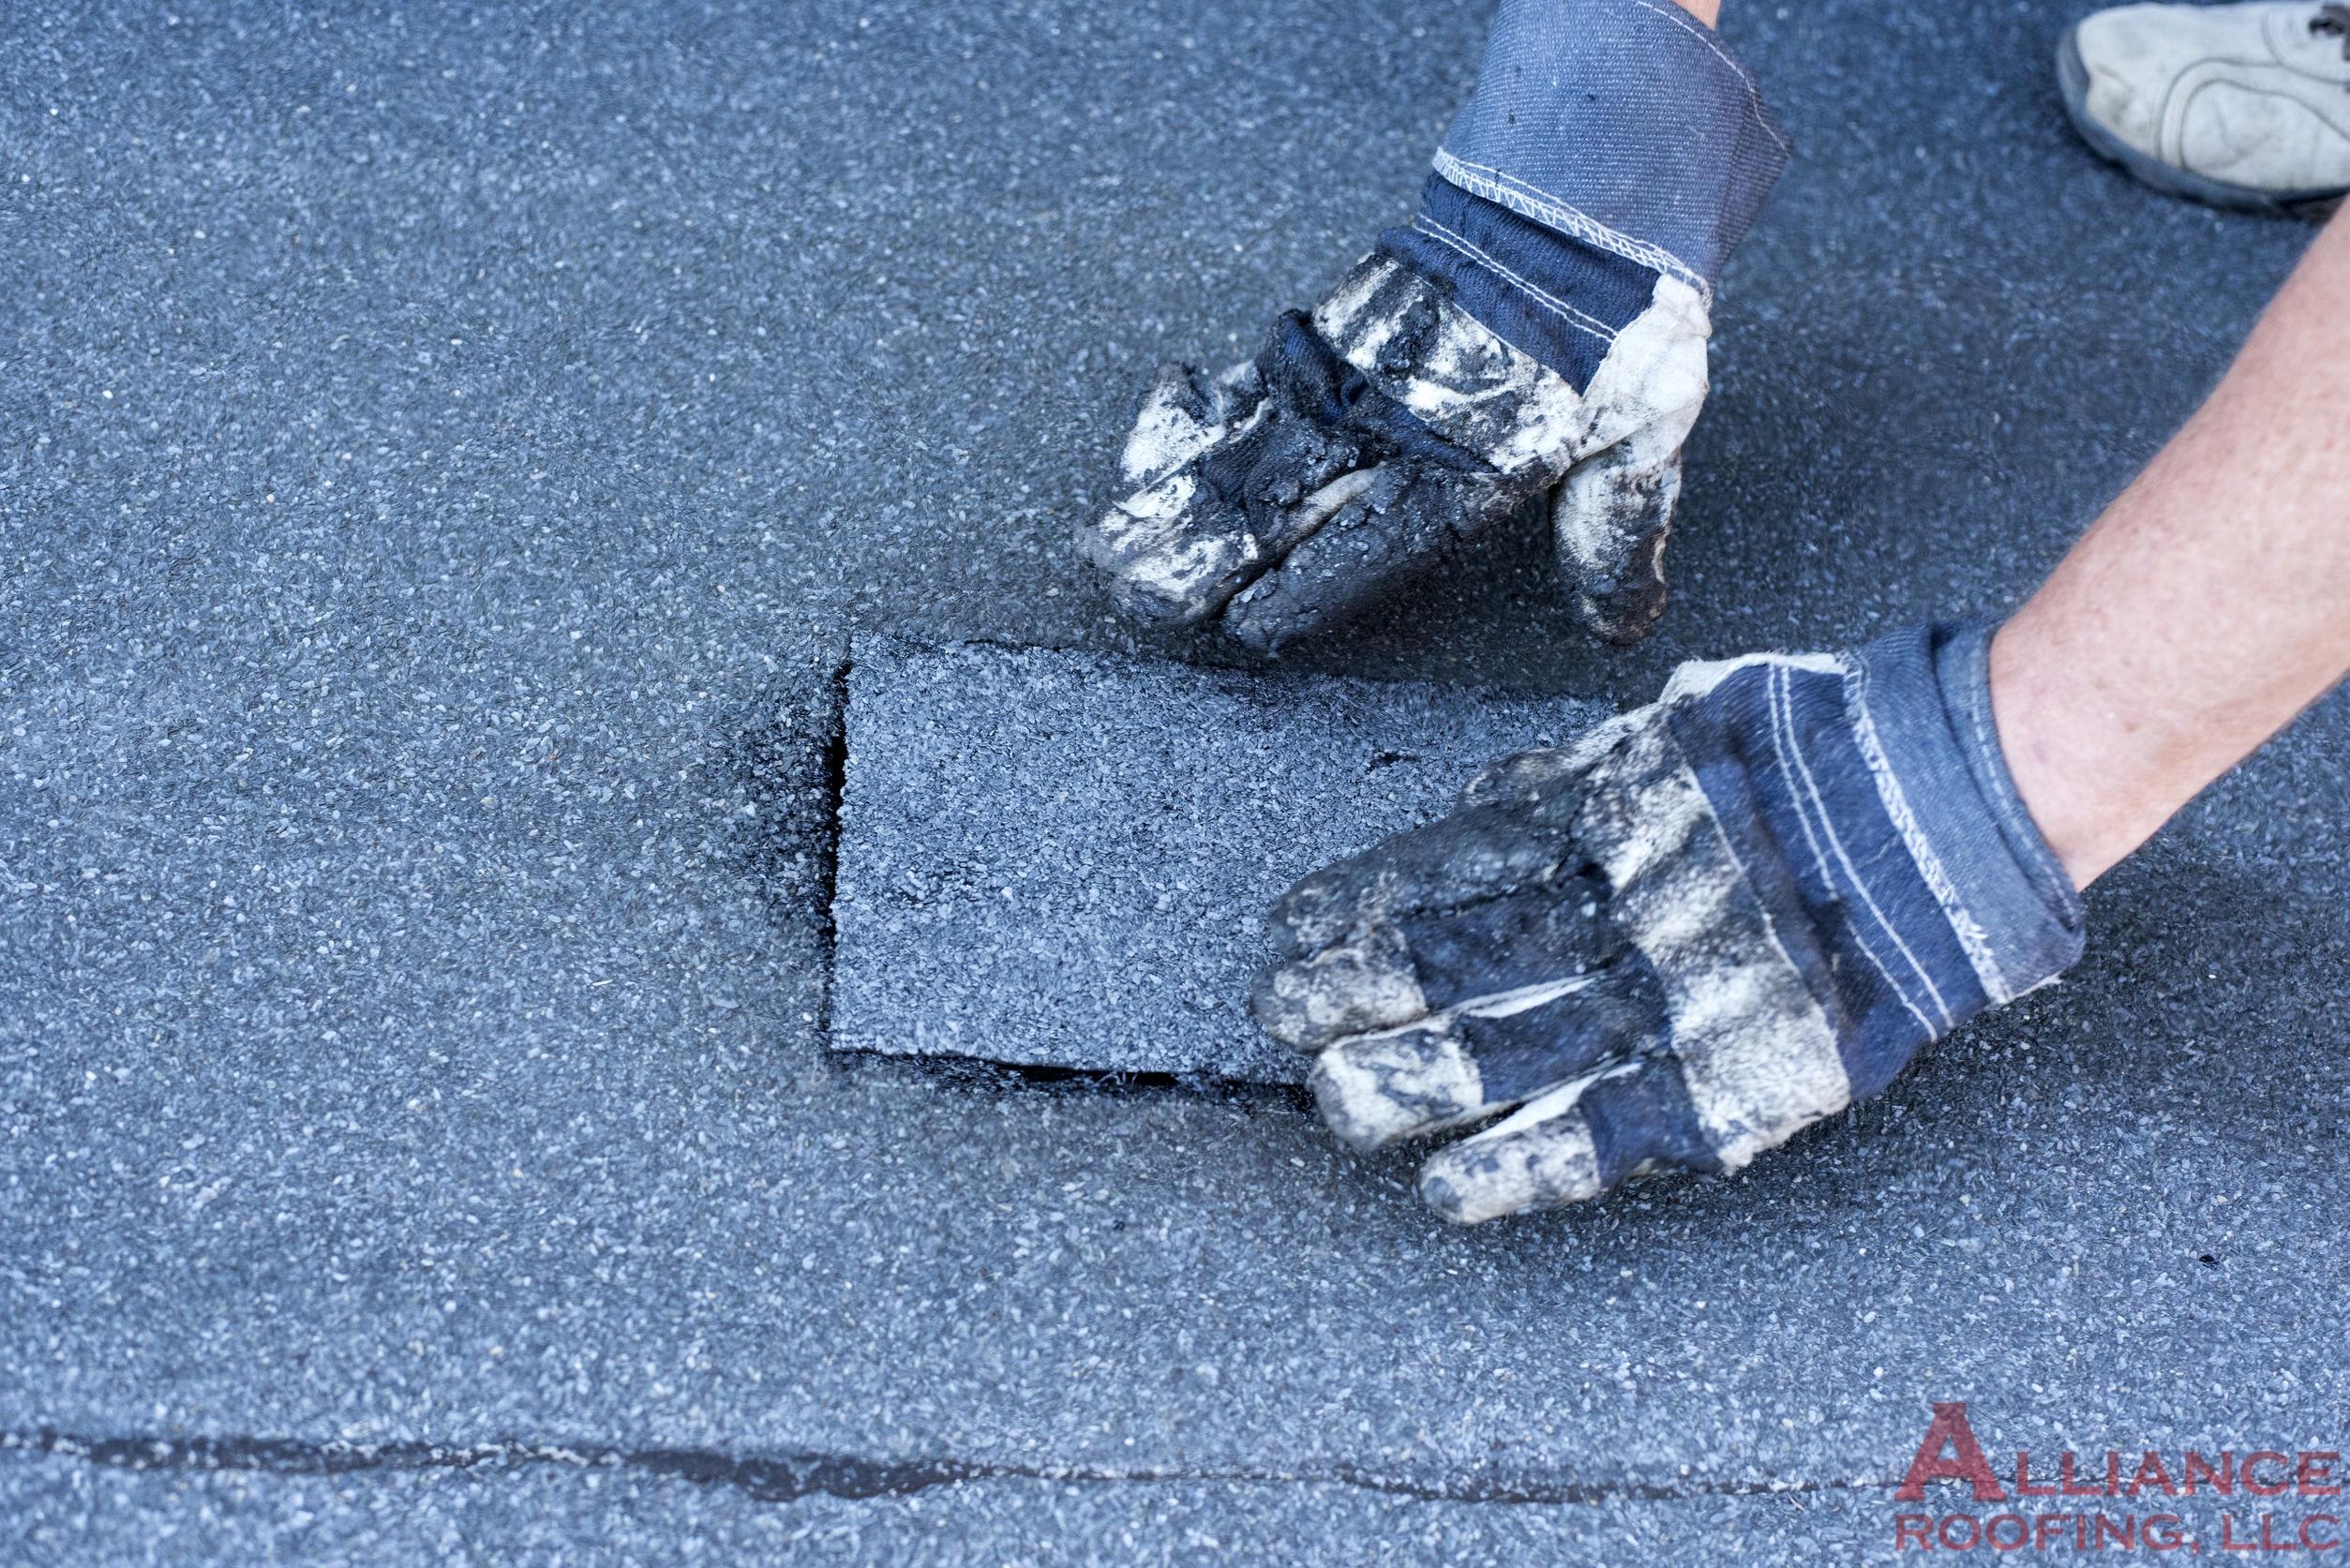 roofer installs modified bitumen roof